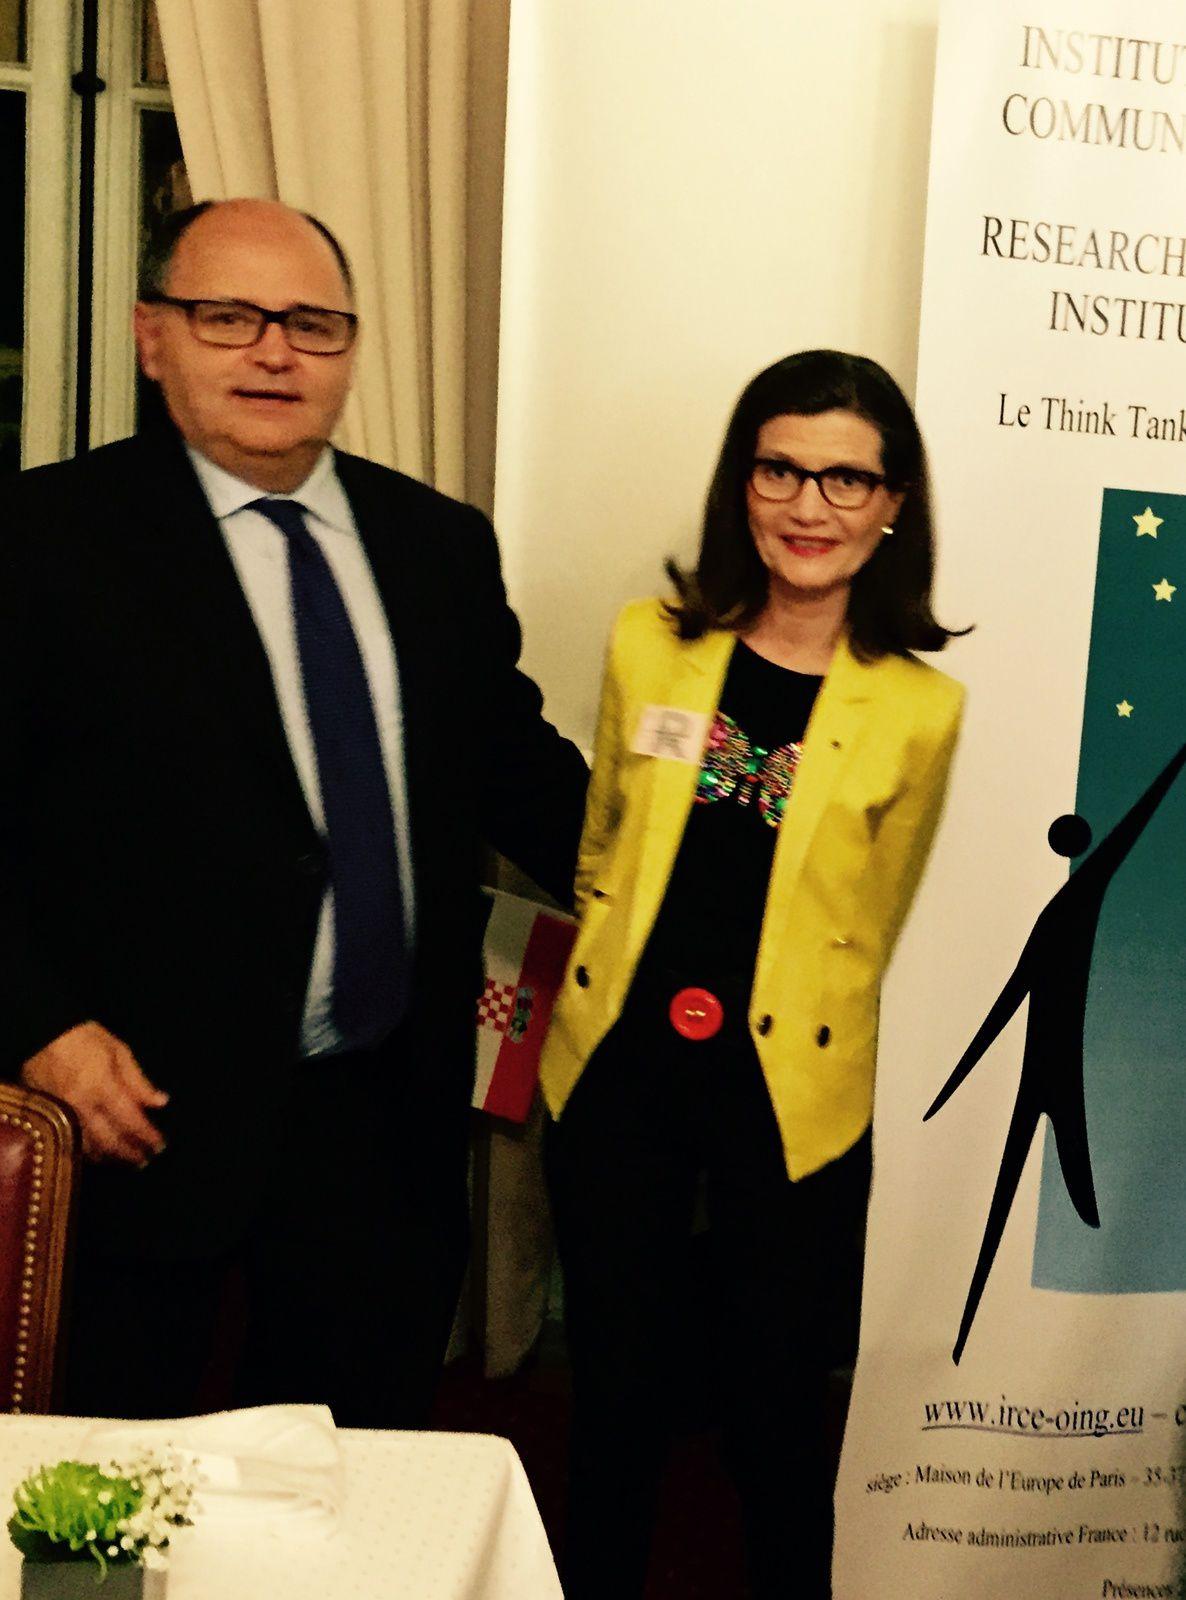 Dîner IRCE MBDA et industrie de défense européenne au Sénat